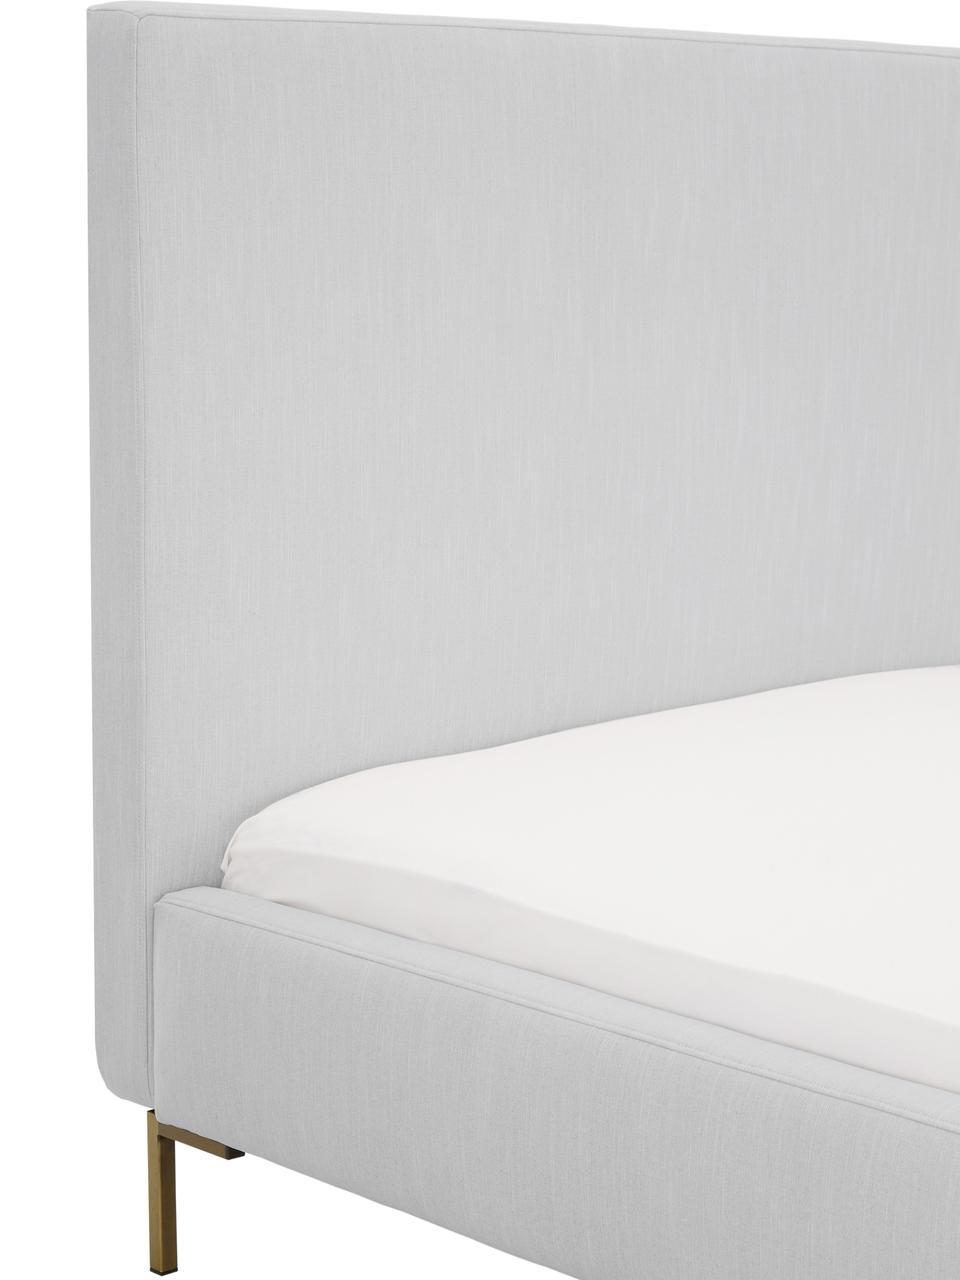 Gestoffeerd fluwelen bed Peace, Frame: massief grenenhout, Poten: gepoedercoat metaal, Bekleding: polyester fluweel, Bekleding: lichtgrijs. Poten: mat goudkleurig, 200 x 200 cm